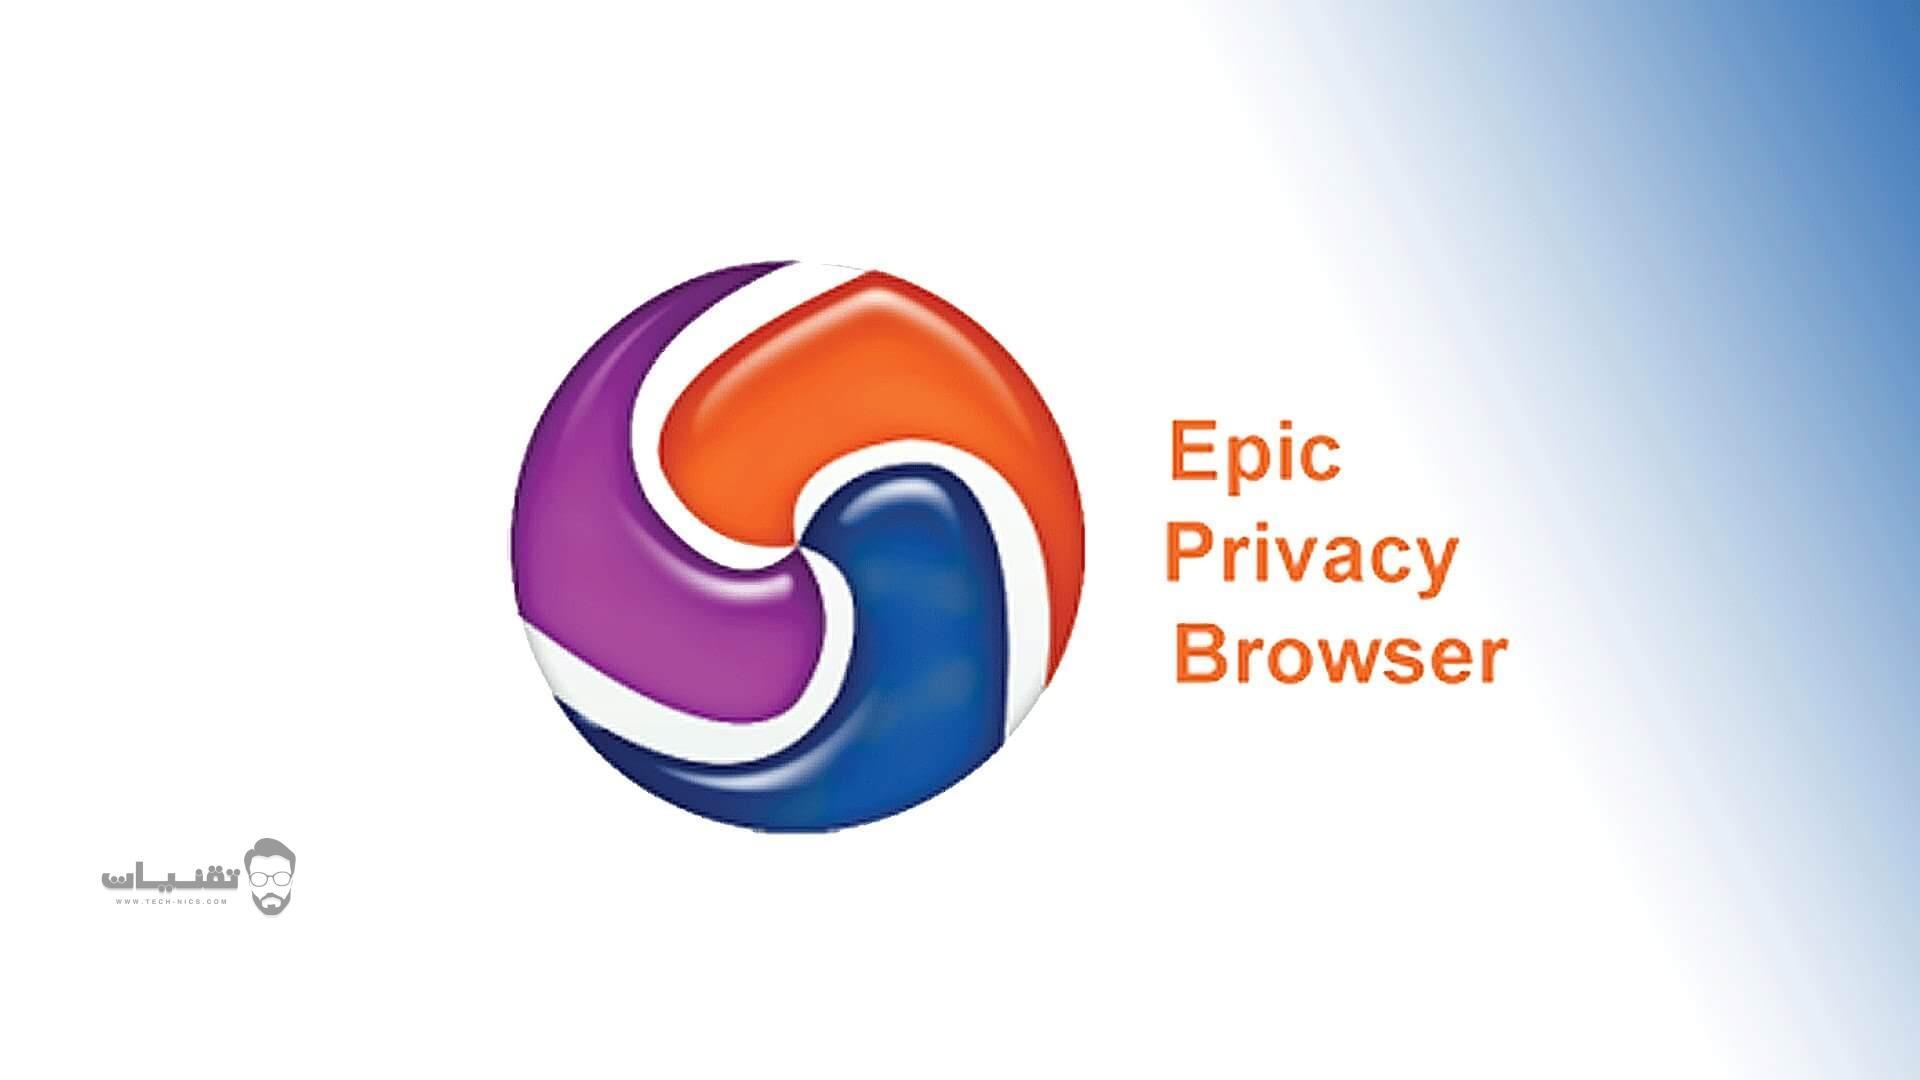 تحميل متصفح Epic Privacy Browser للكمبيوتر